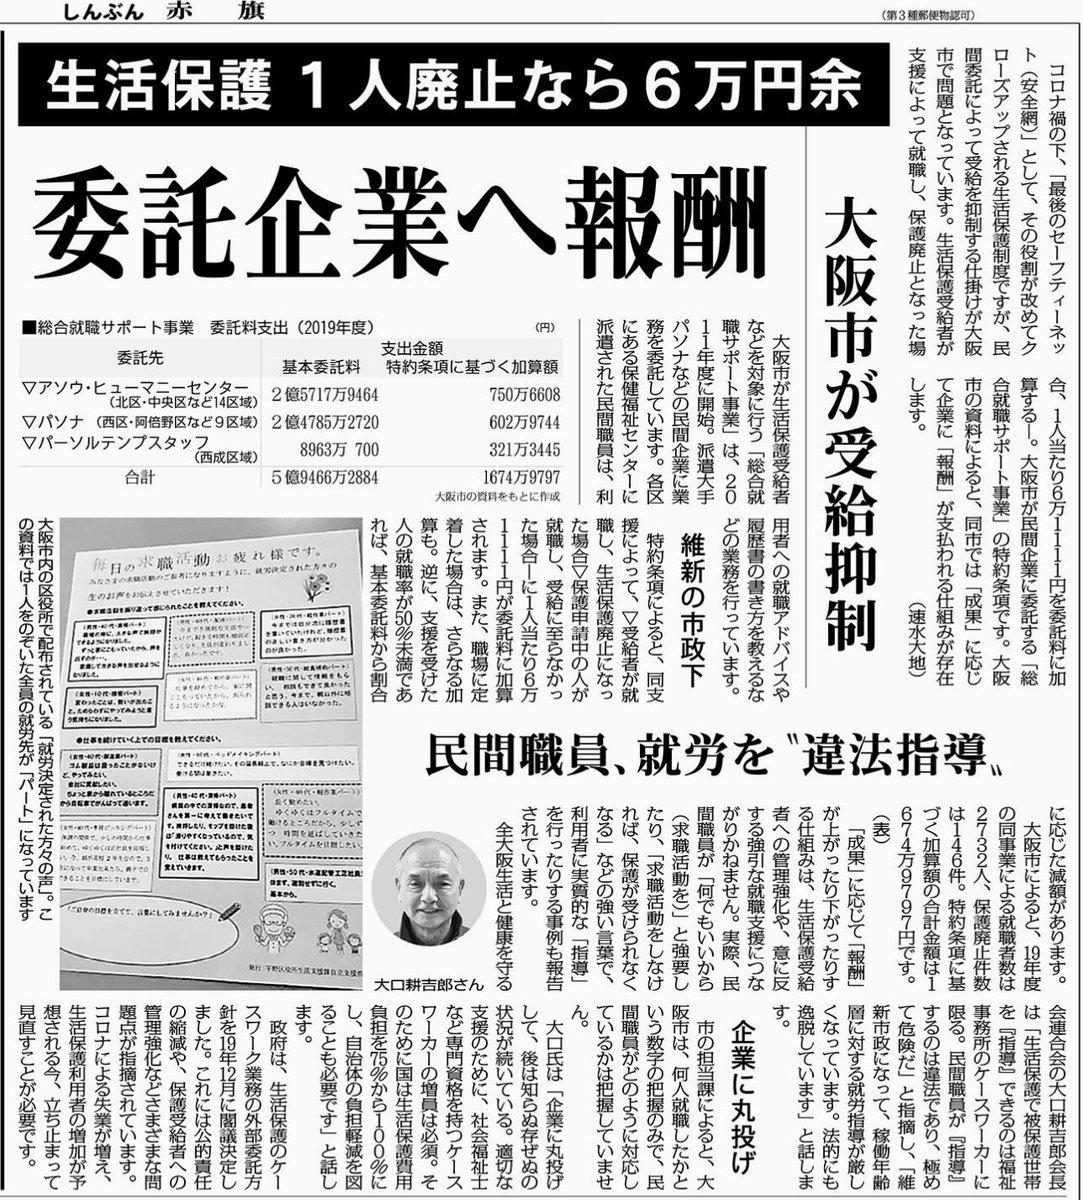 これは酷い😡大阪市が生活保護支援業務をパソナなどに委託。受給者が1人減るごとに6万円余が愛払われると言うが、生活保護申請中の人が支援によって生活保護を受けずにすんだという場合にも報酬が支払われること。受給申請を窓口で抑える「水際作戦」を業務委託したようなもの。許せない😡 https://t.co/2Dz5VMleoj